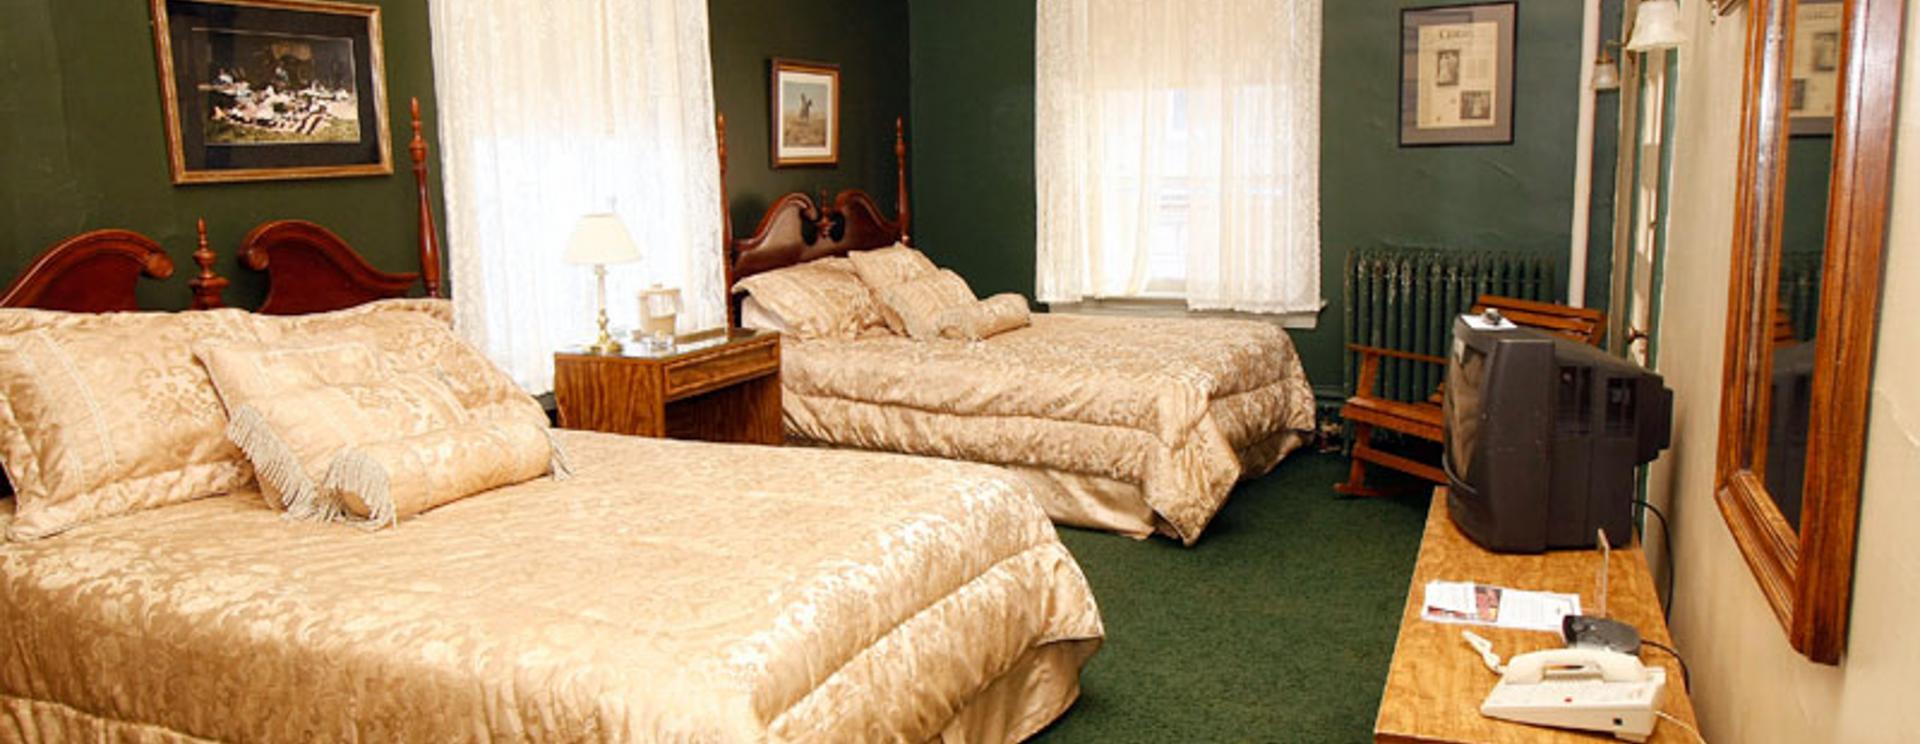 Silverado Franklin Historic Hotel & Gaming Complex